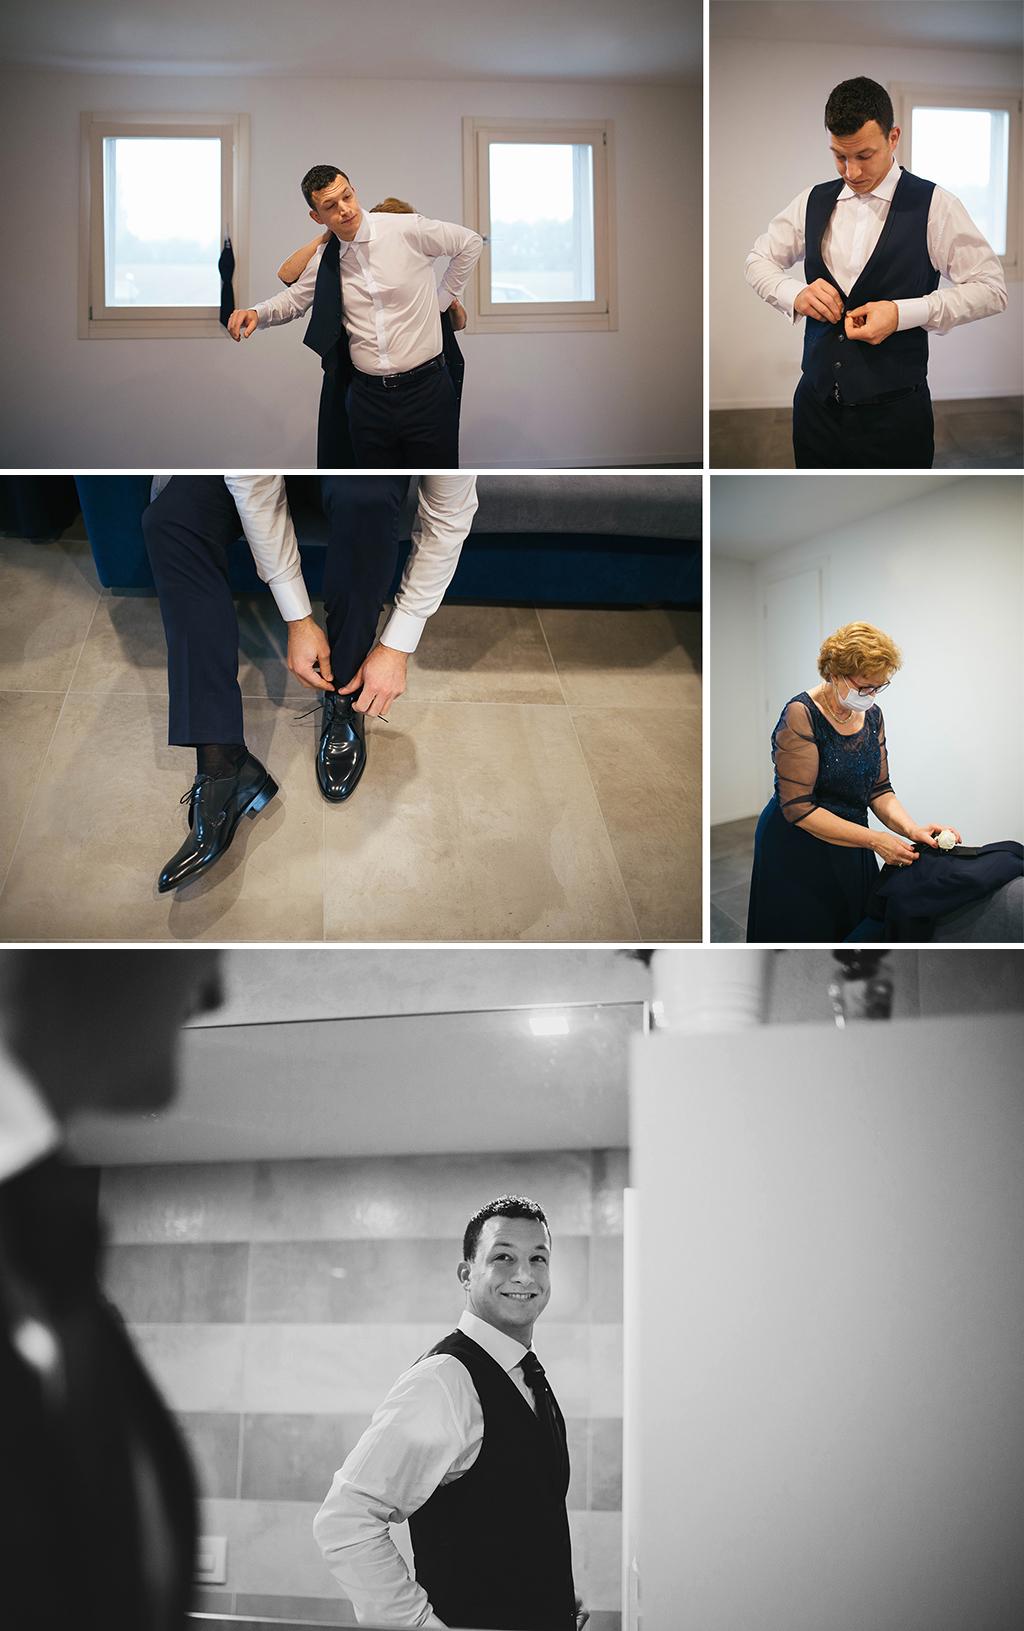 sposarsi nonostante il covide19 si può - matrimonio padova veneto martina e nicola villa liviangior villanova padovana fotografa treviso conegliano venezia - preparazione sposo